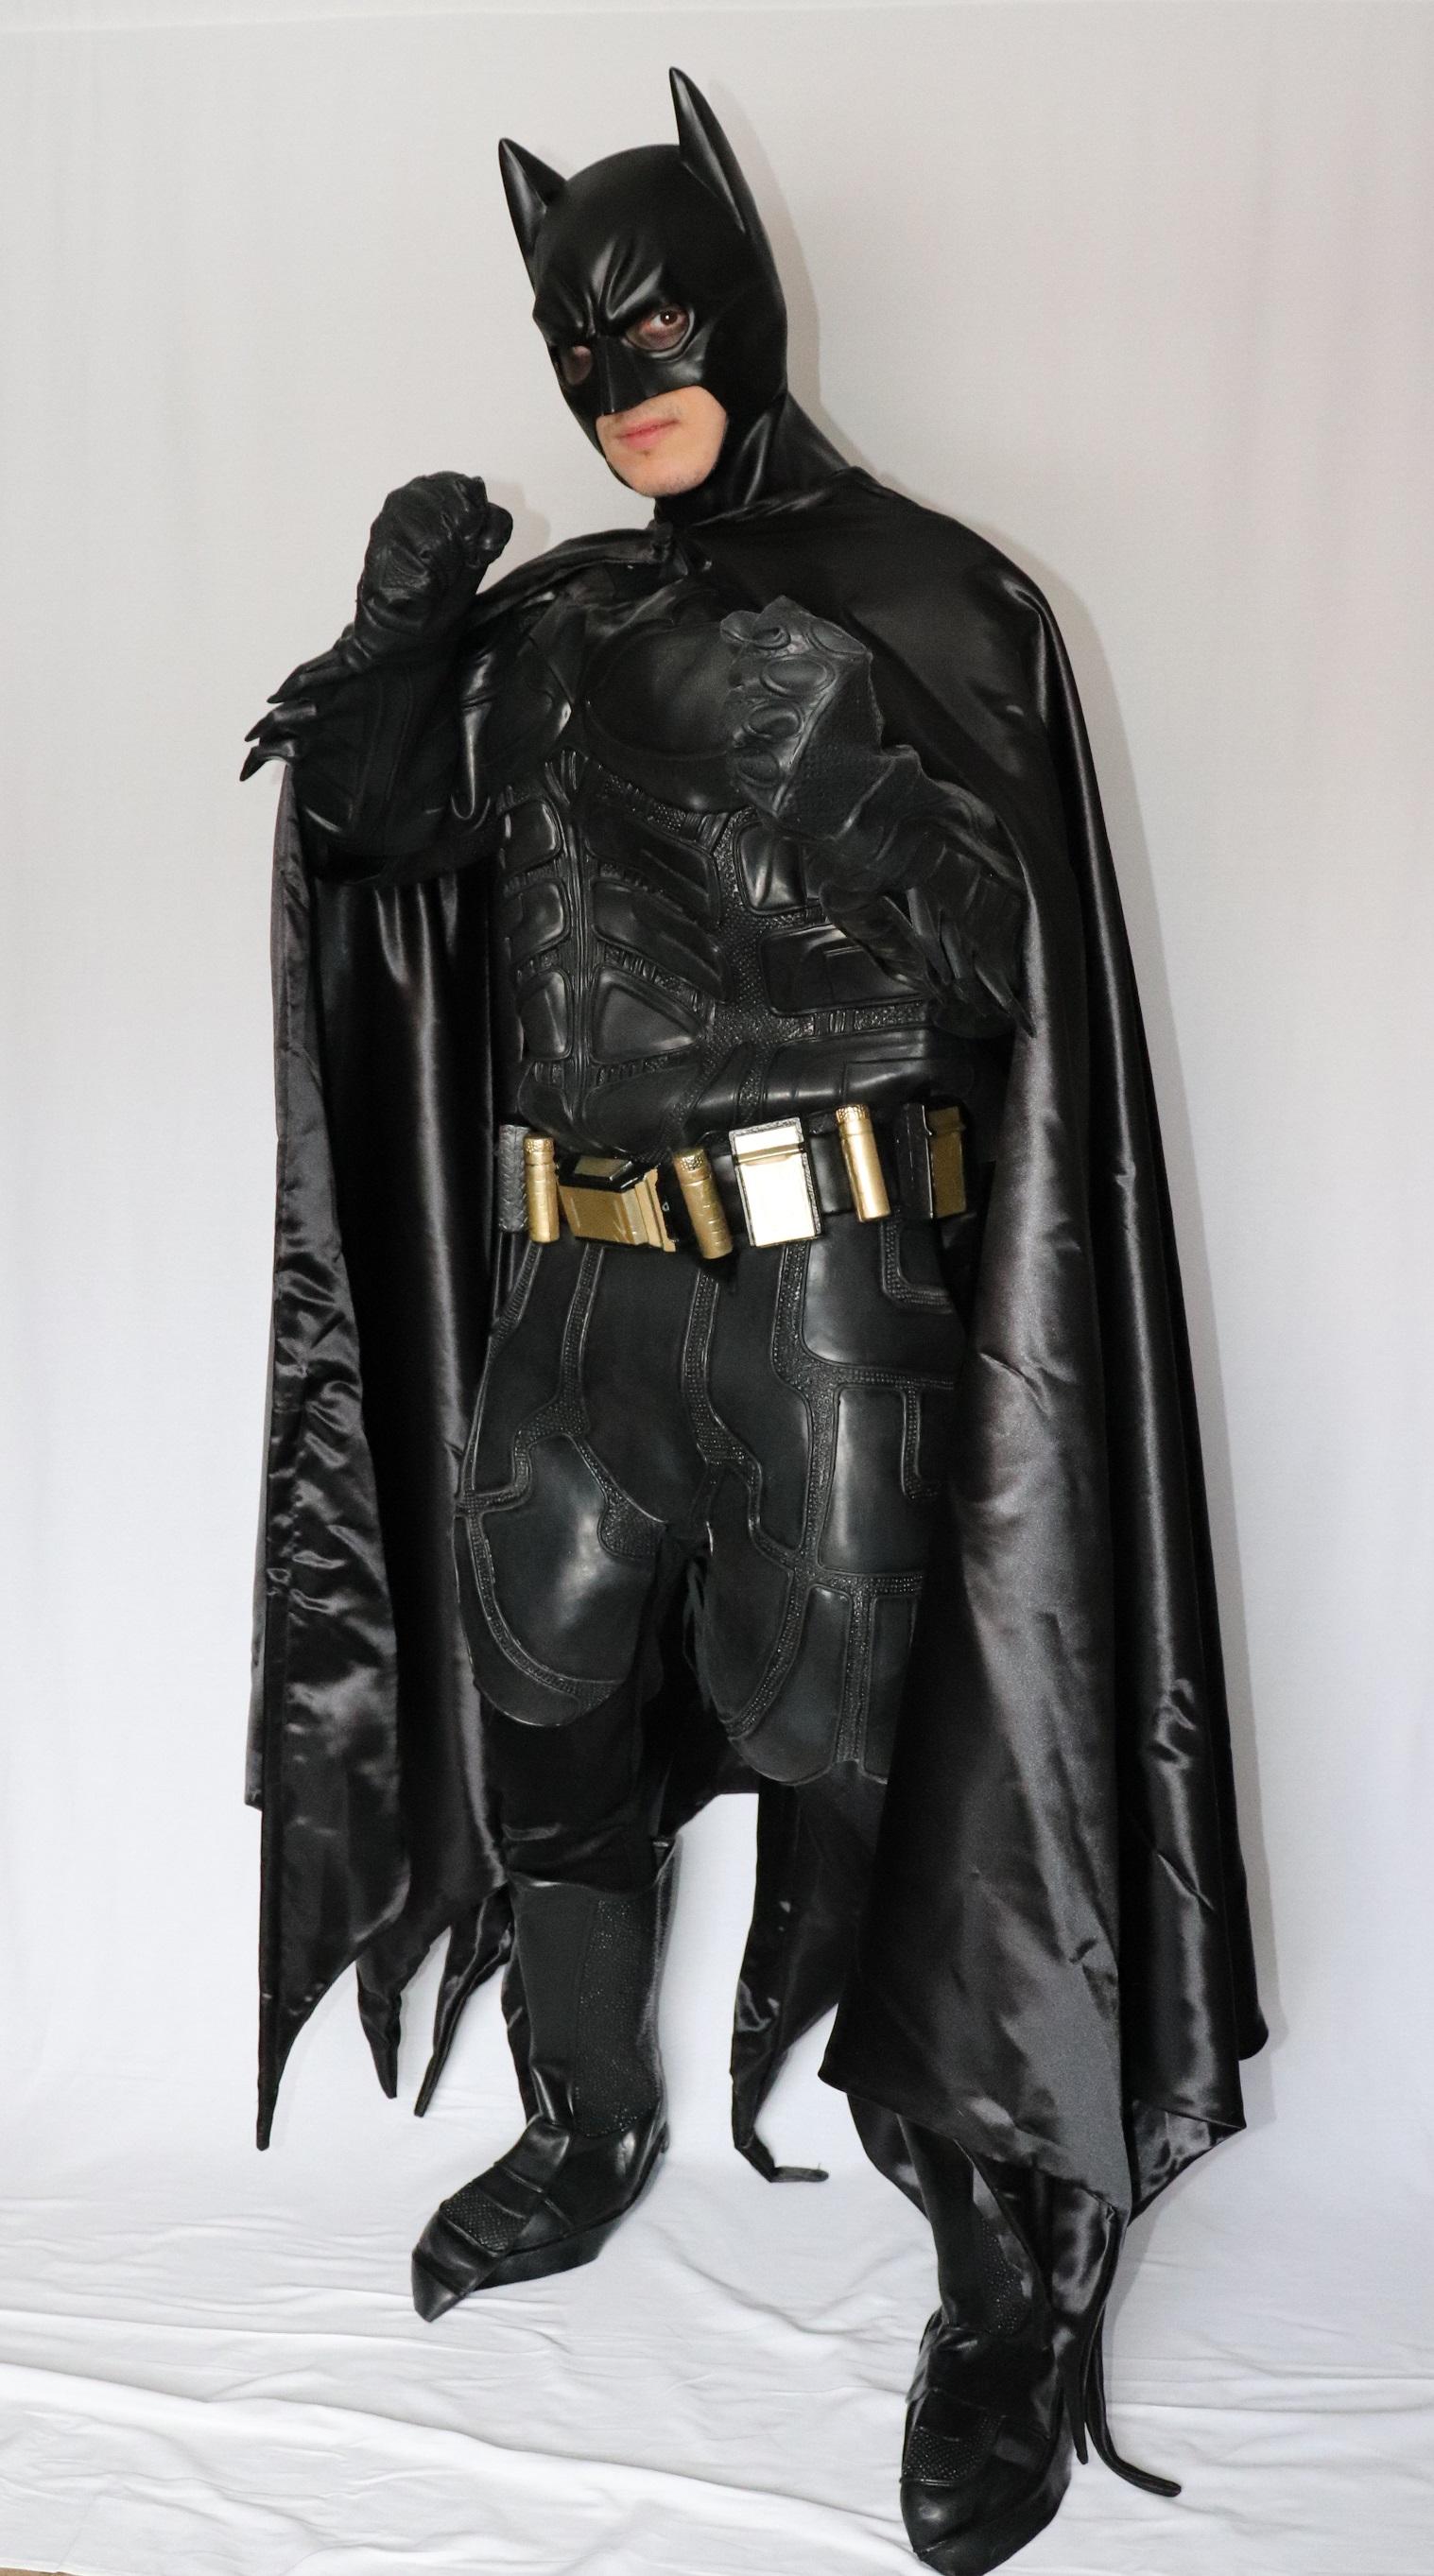 batmancrop.jpg